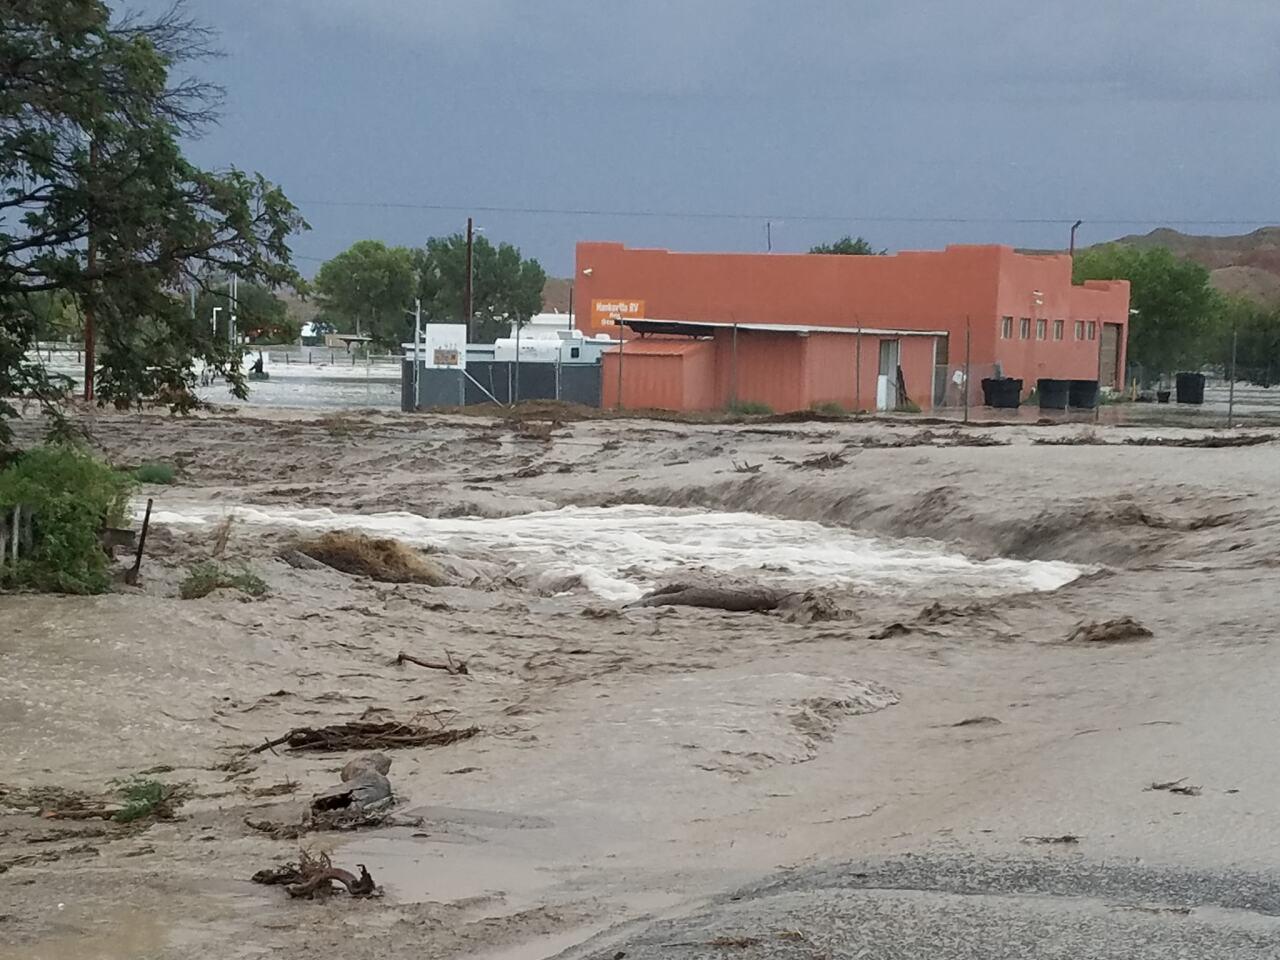 hanksville flooding celeste sellers 6.jpg